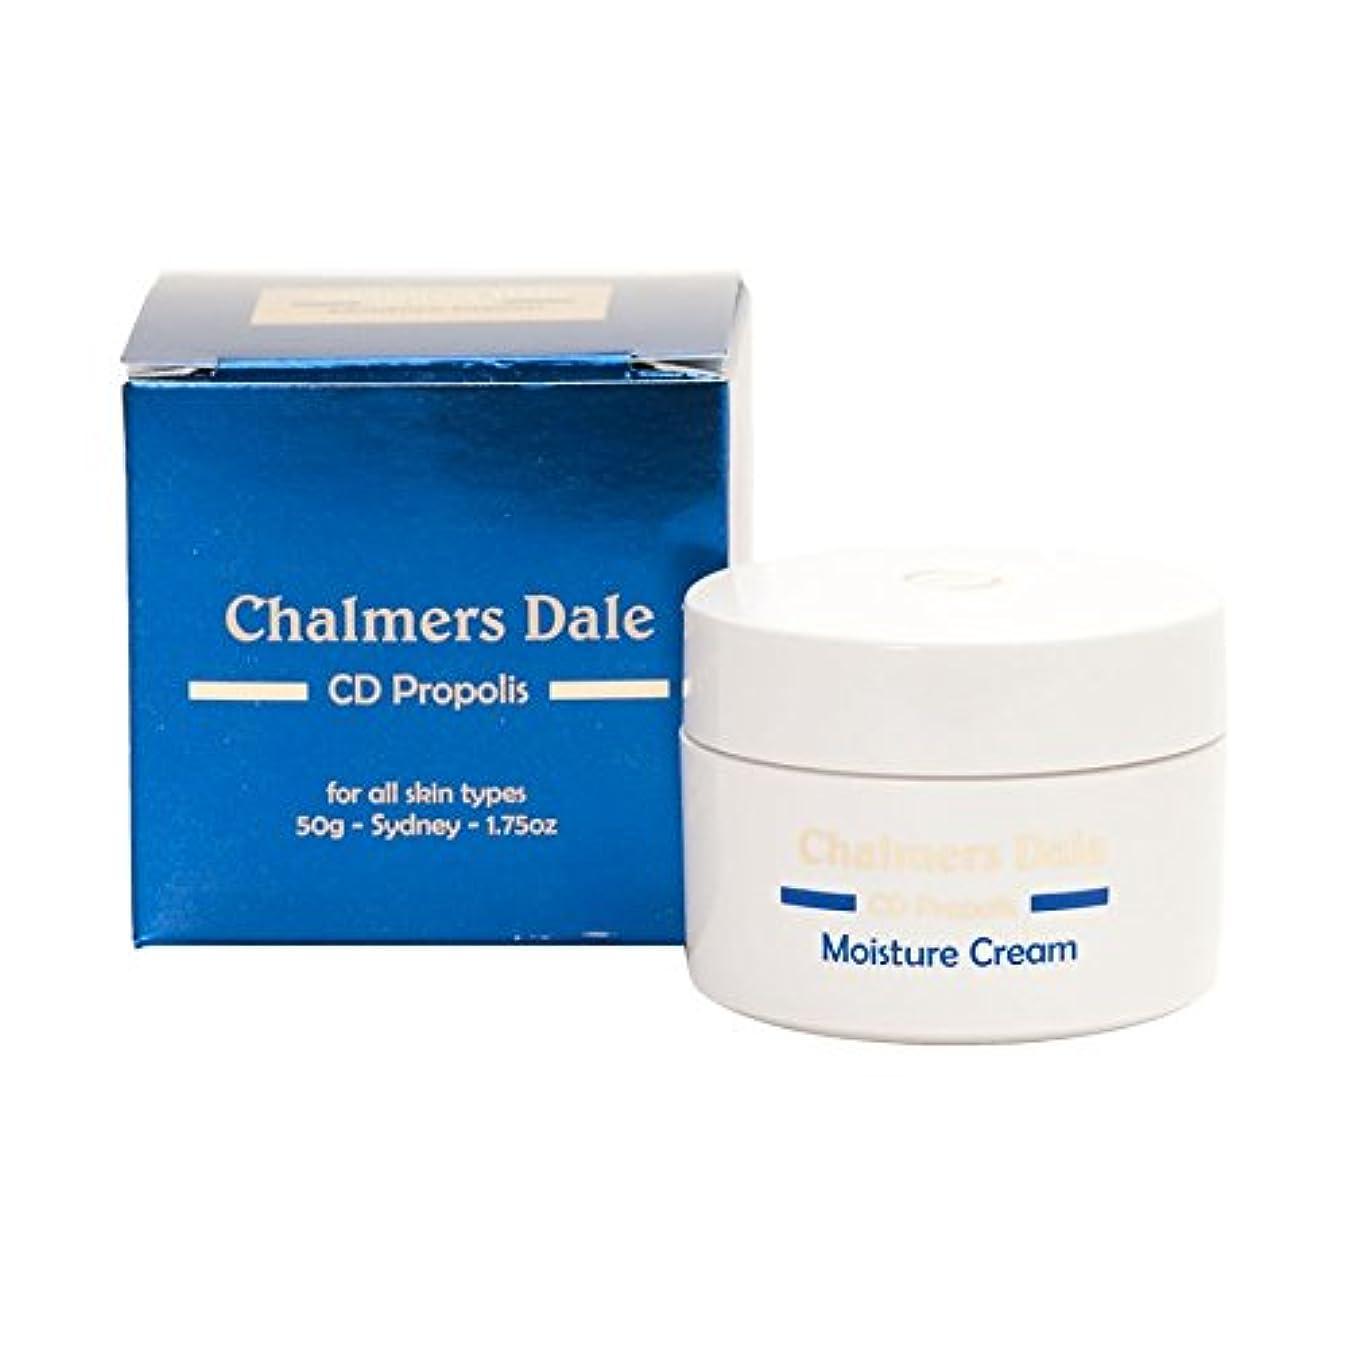 活性化するかすかな避けるプロポリスクリーム 50g 清潔な肌 敏感肌 保湿作用 しっとり肌 【海外直送品】